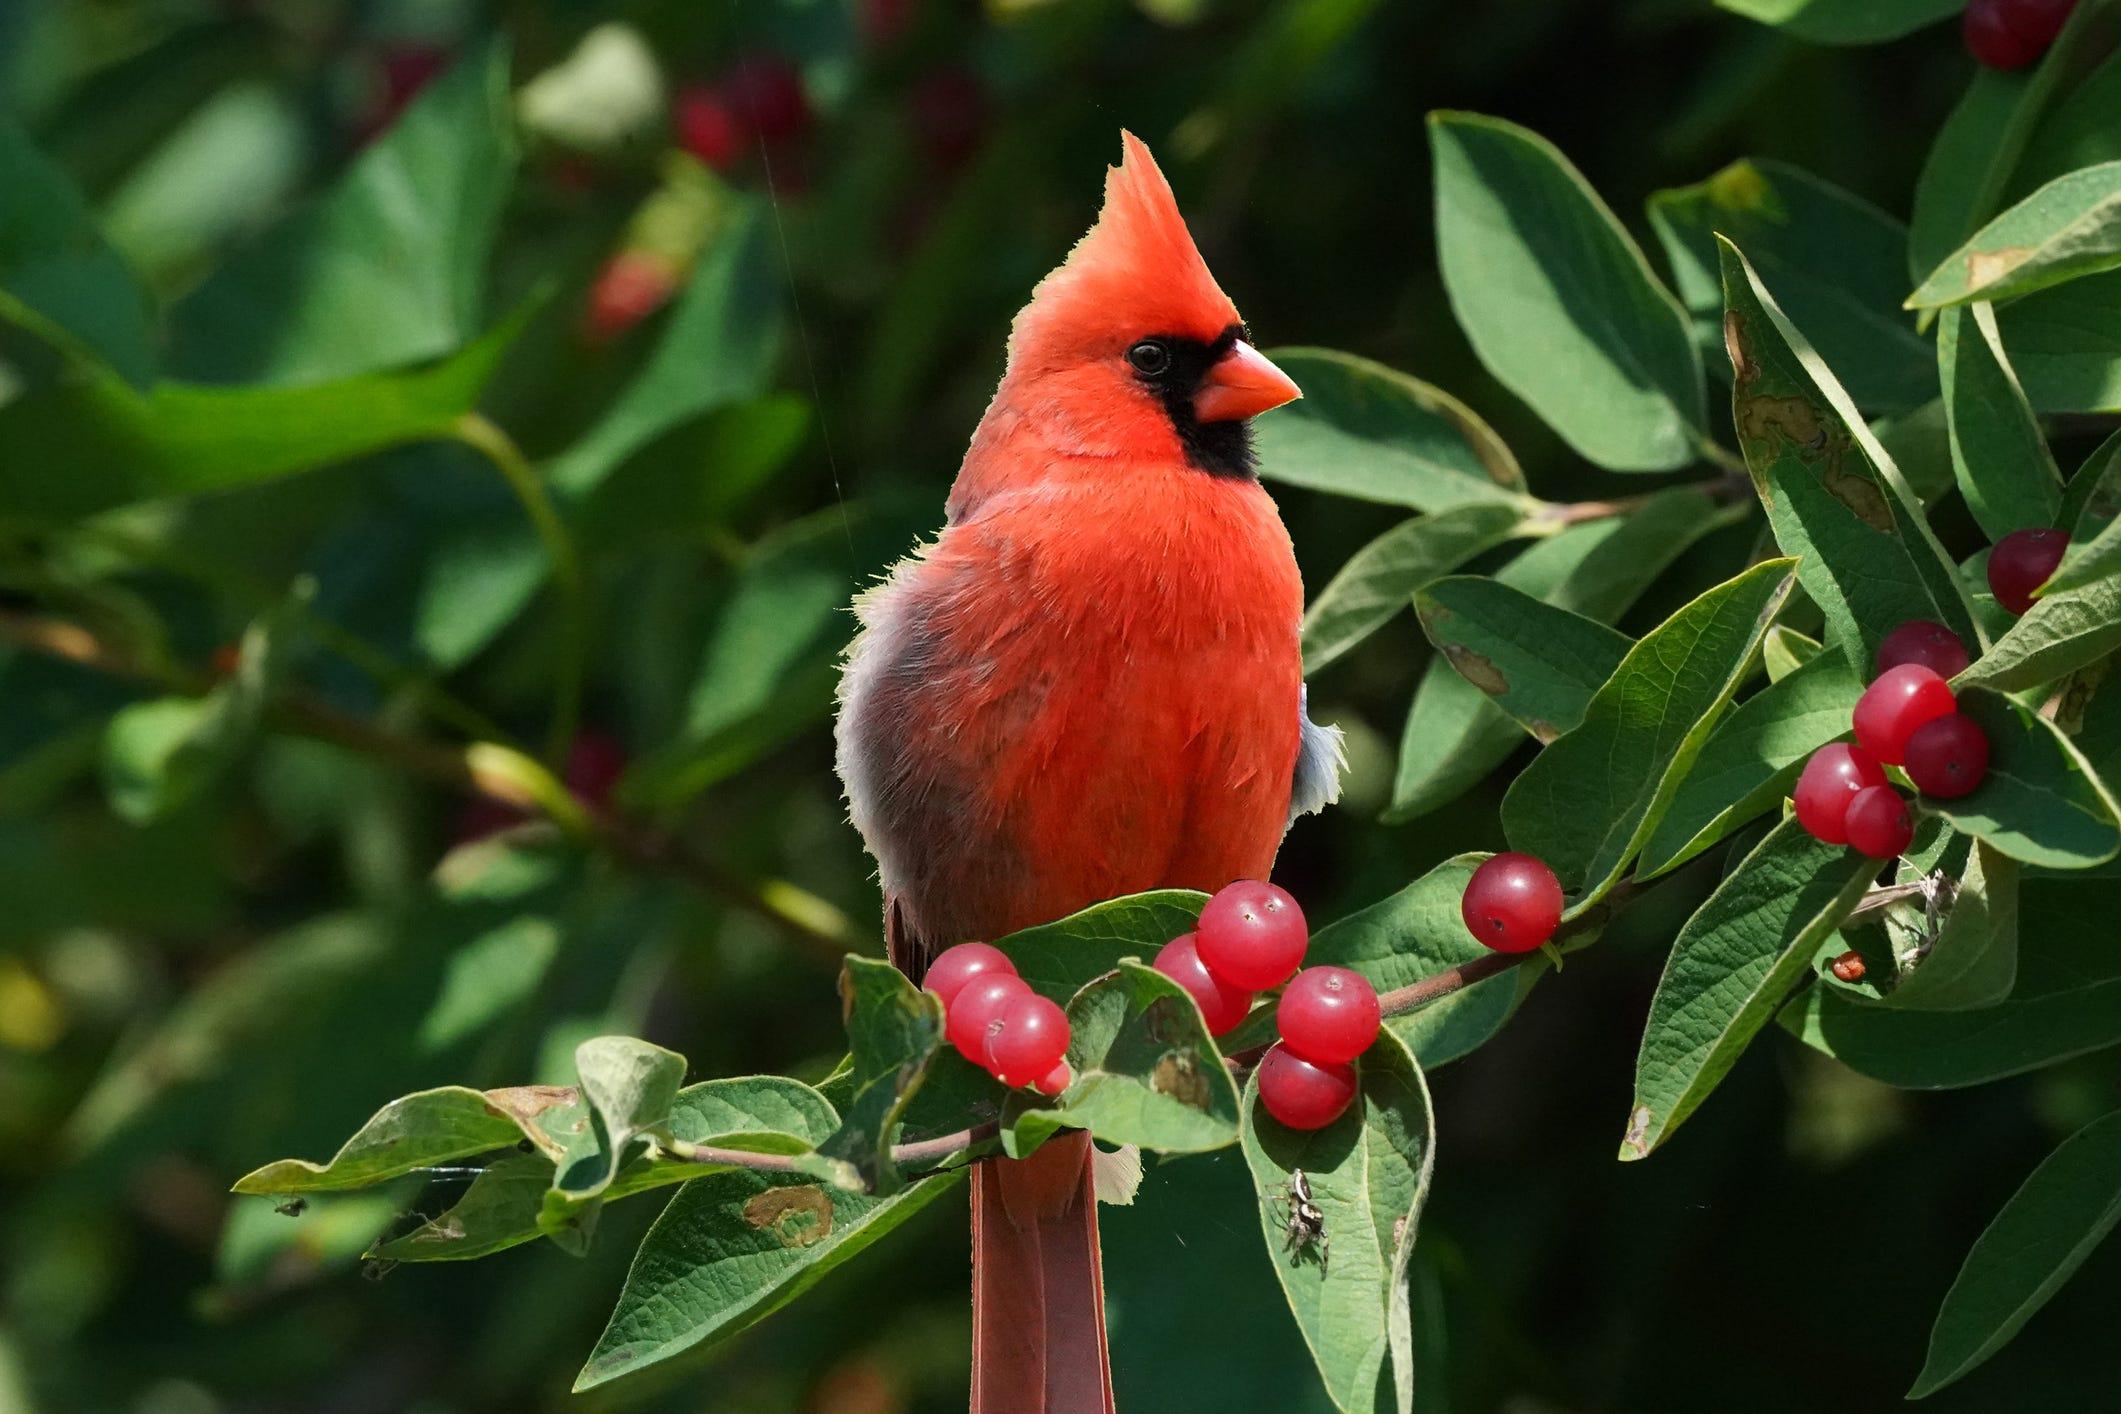 PHOTOS: Birdwatcher captures rare 'one in a million' half red, half white cardinal